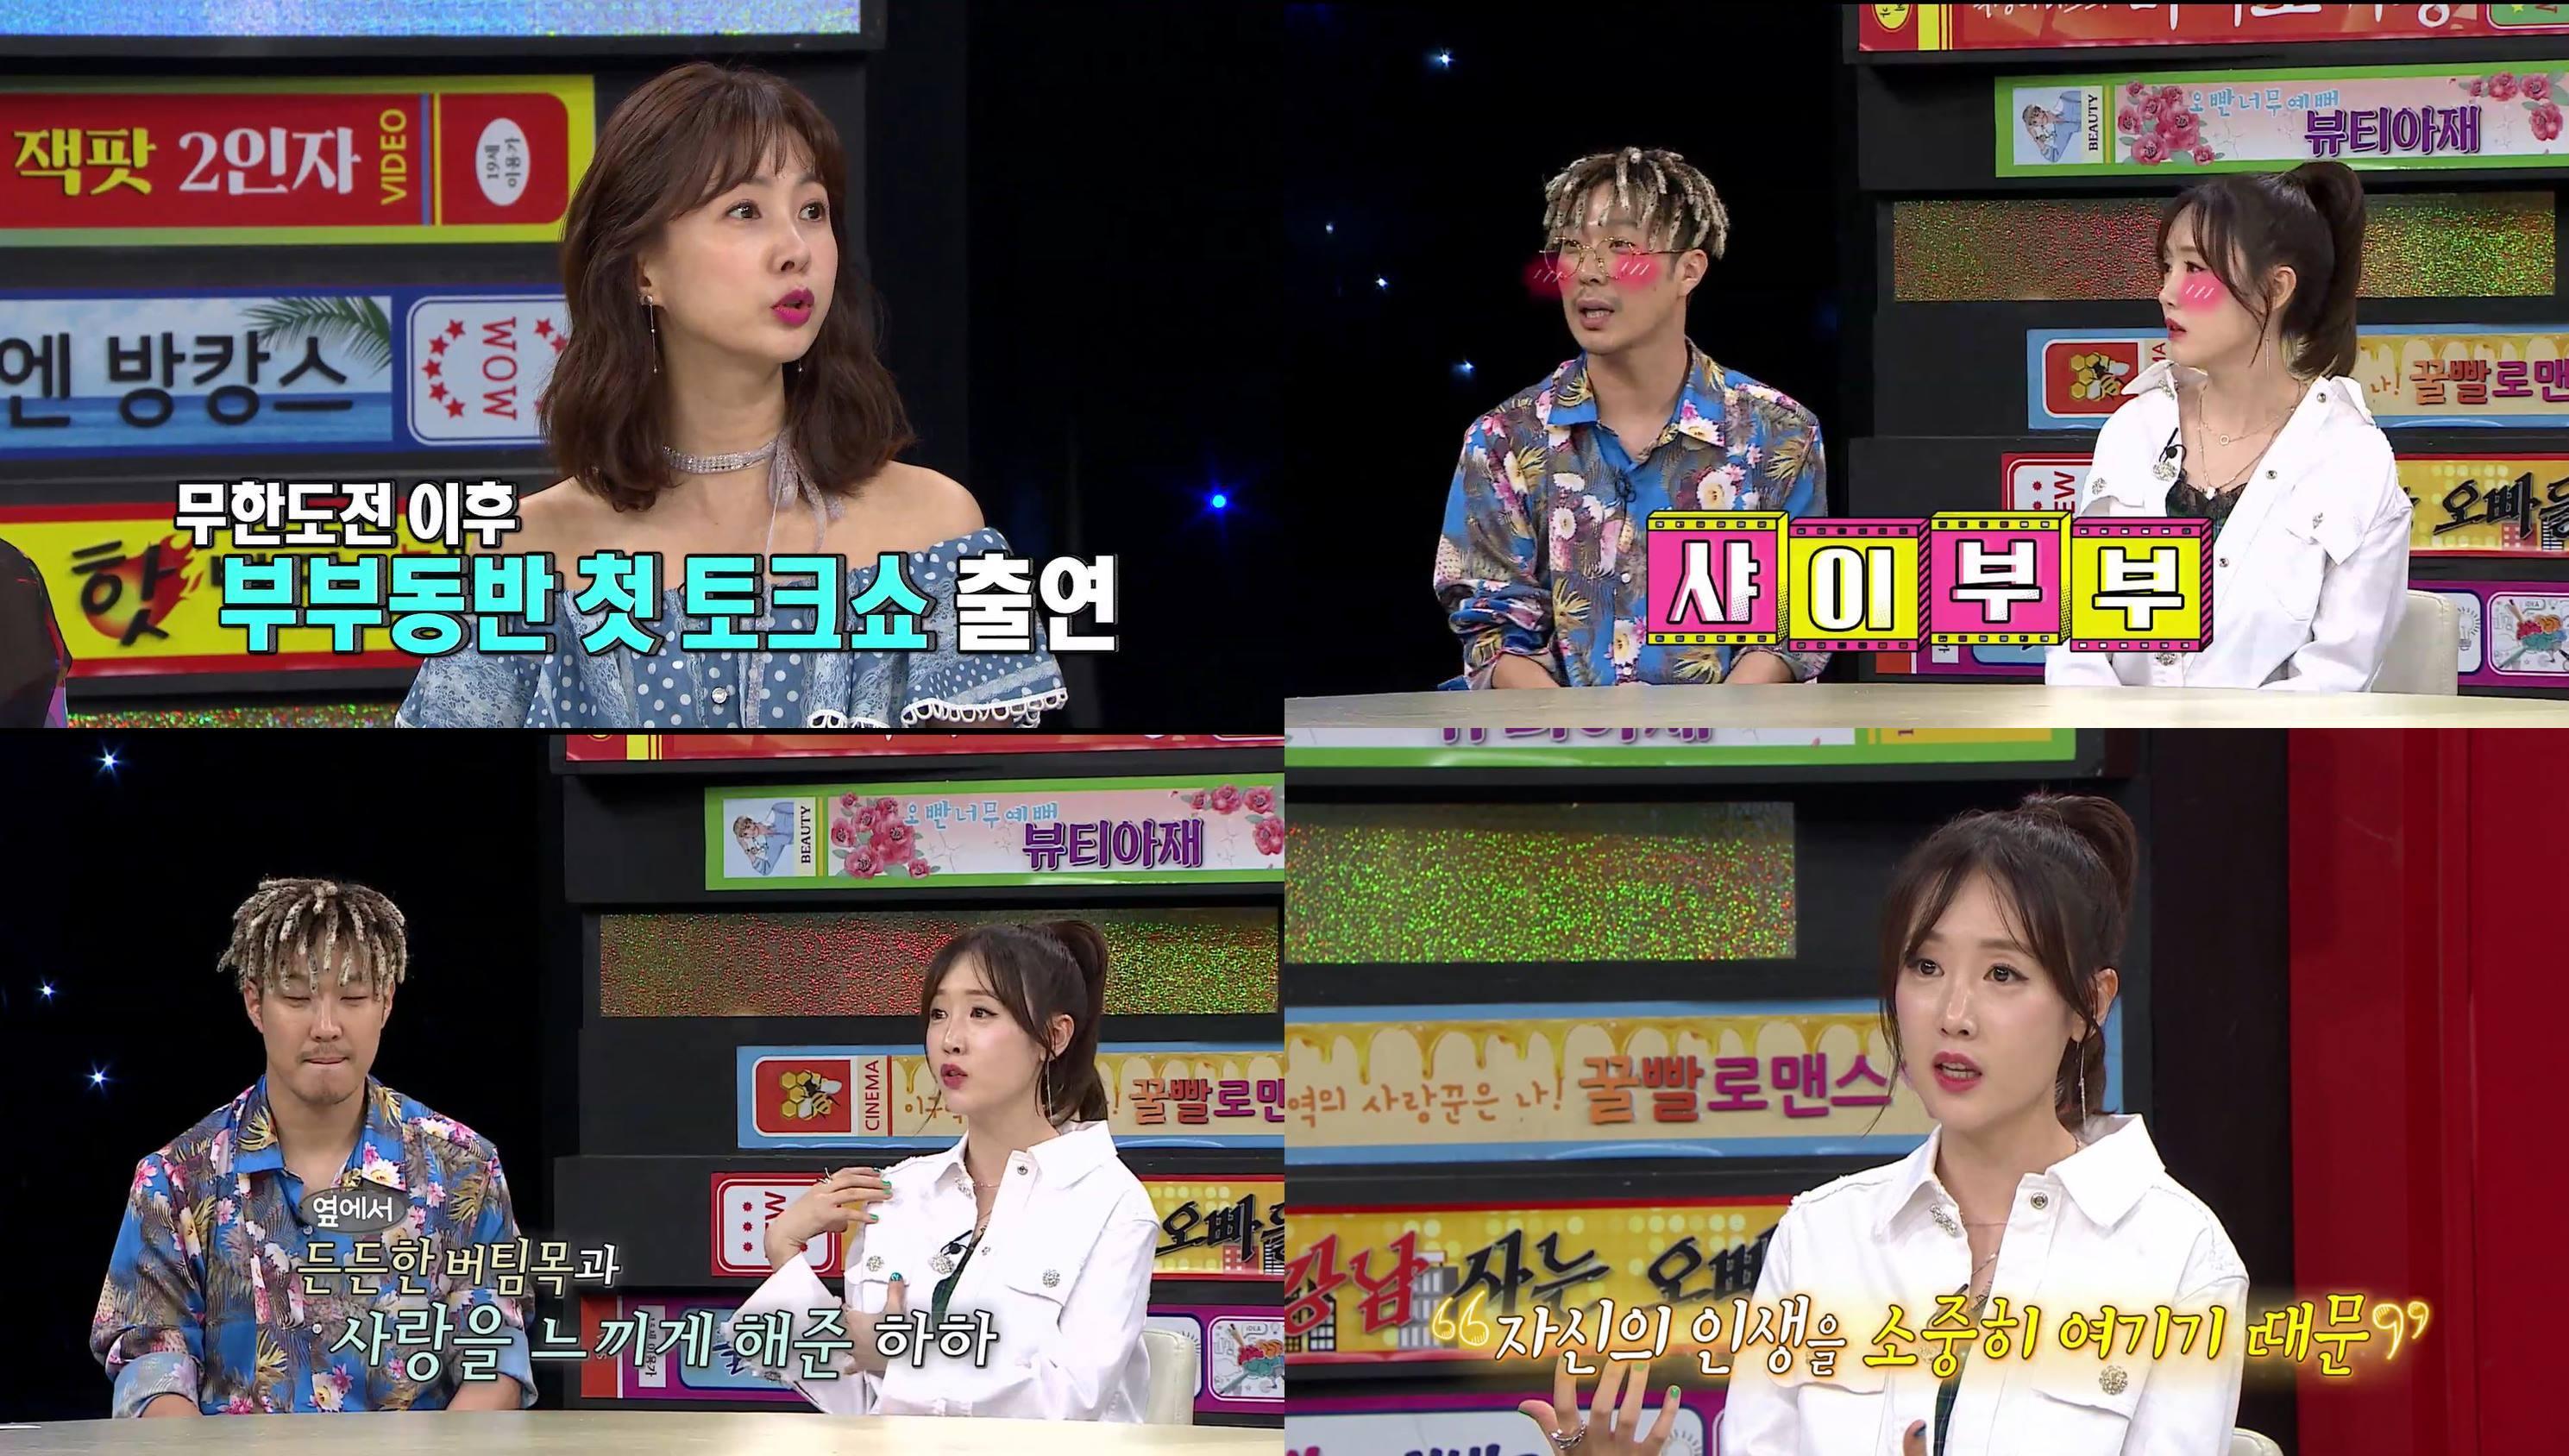 '비디오스타' 하하♡별, 무한도전 이후 부부동반 첫 토크쇼에서 '눈물폭발' 녹화 중단 위기?